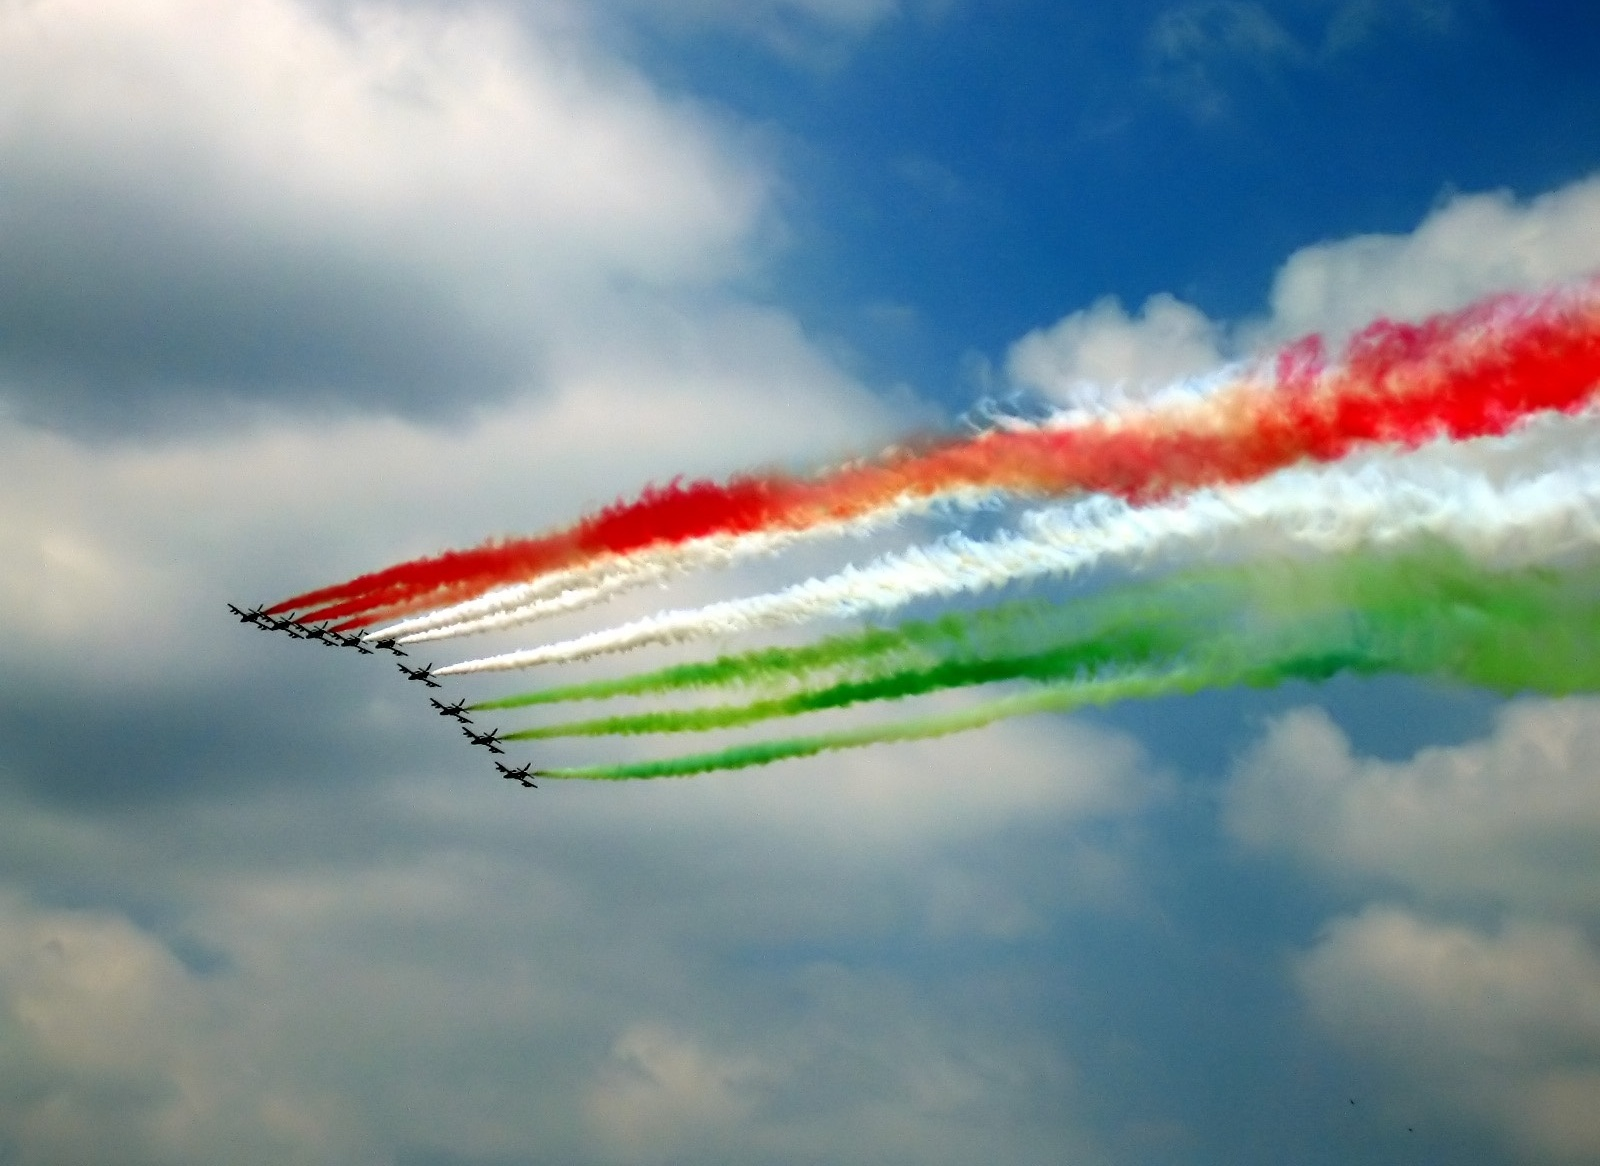 http://3.bp.blogspot.com/-PRZVW7mx1pE/UFqc5QLbkAI/AAAAAAAALxM/TO6lfqZV-1g/s1600/indian_air_force_salute_formation.jpg